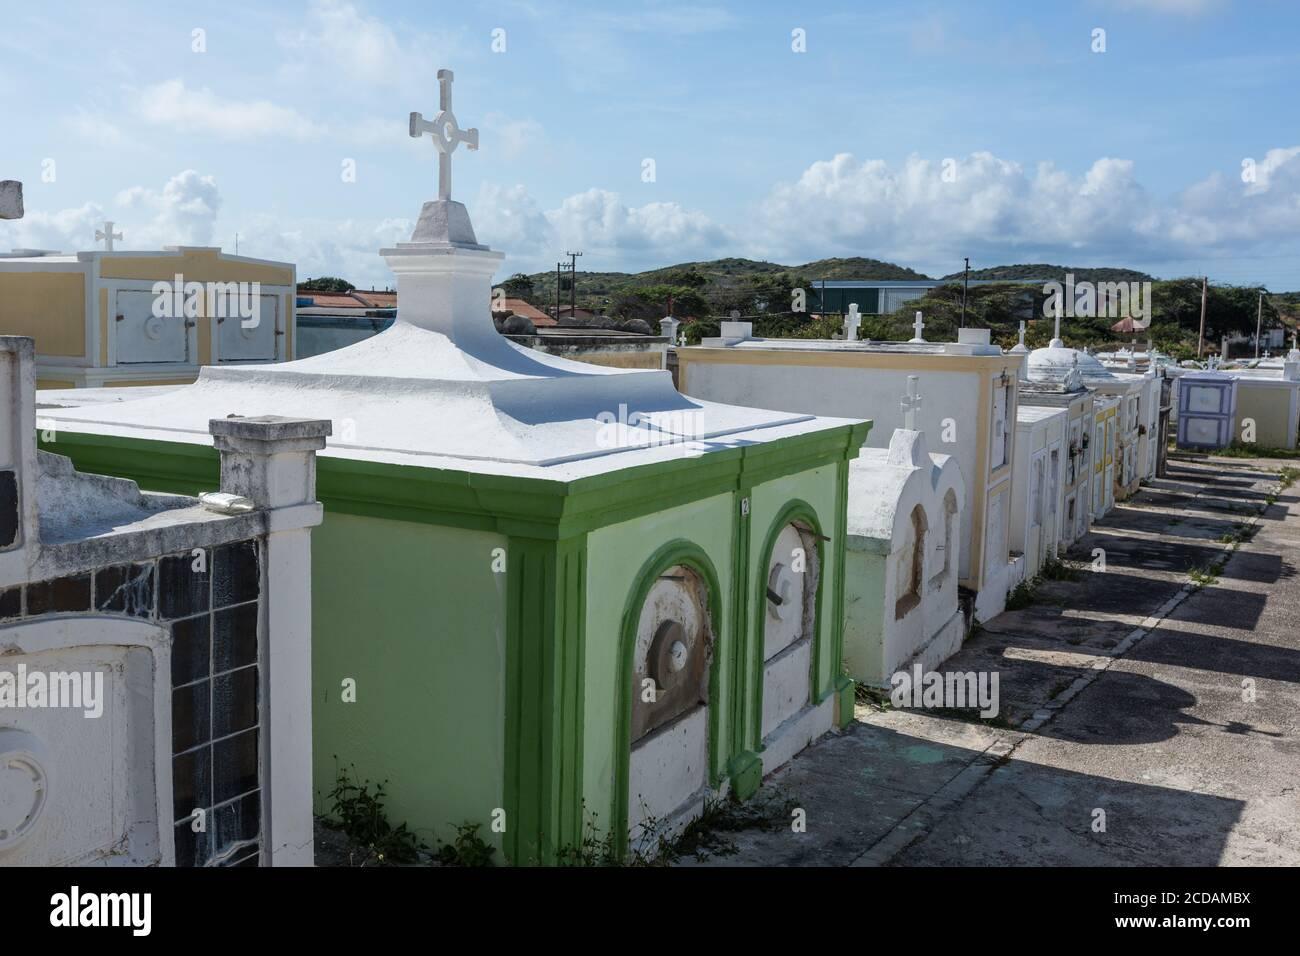 Il cimitero della chiesa cattolica di San Giuseppe, una chiesa parrocchiale nella città di Barbiere sull'isola caraibica di Curacao nelle Antille olandesi. Foto Stock